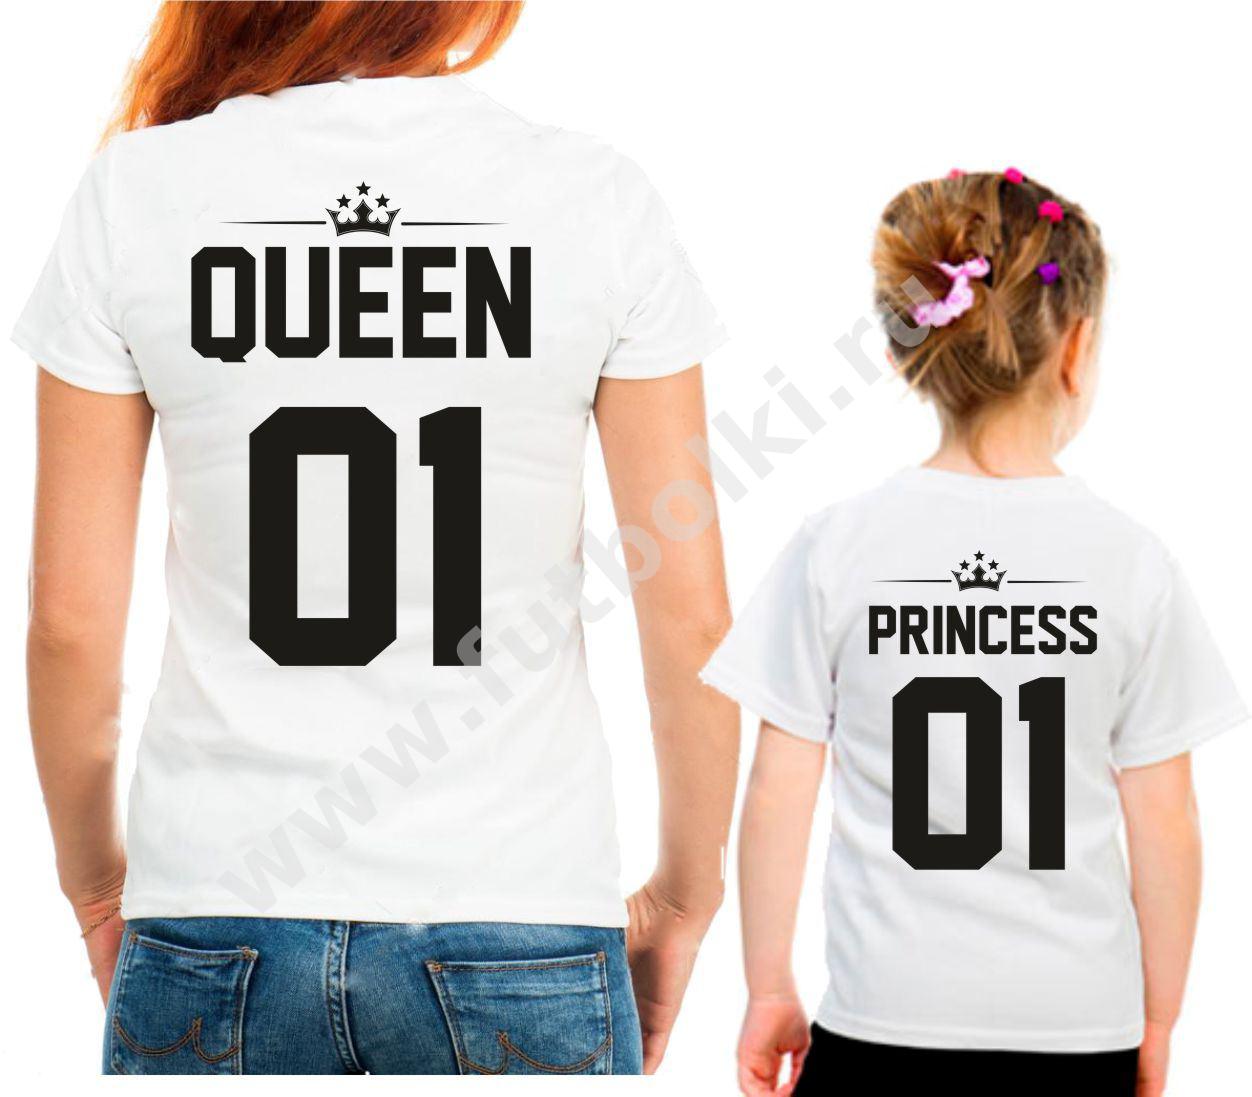 Футболки для мамы и дочки Queen 01, princess 01 от 1 650 руб